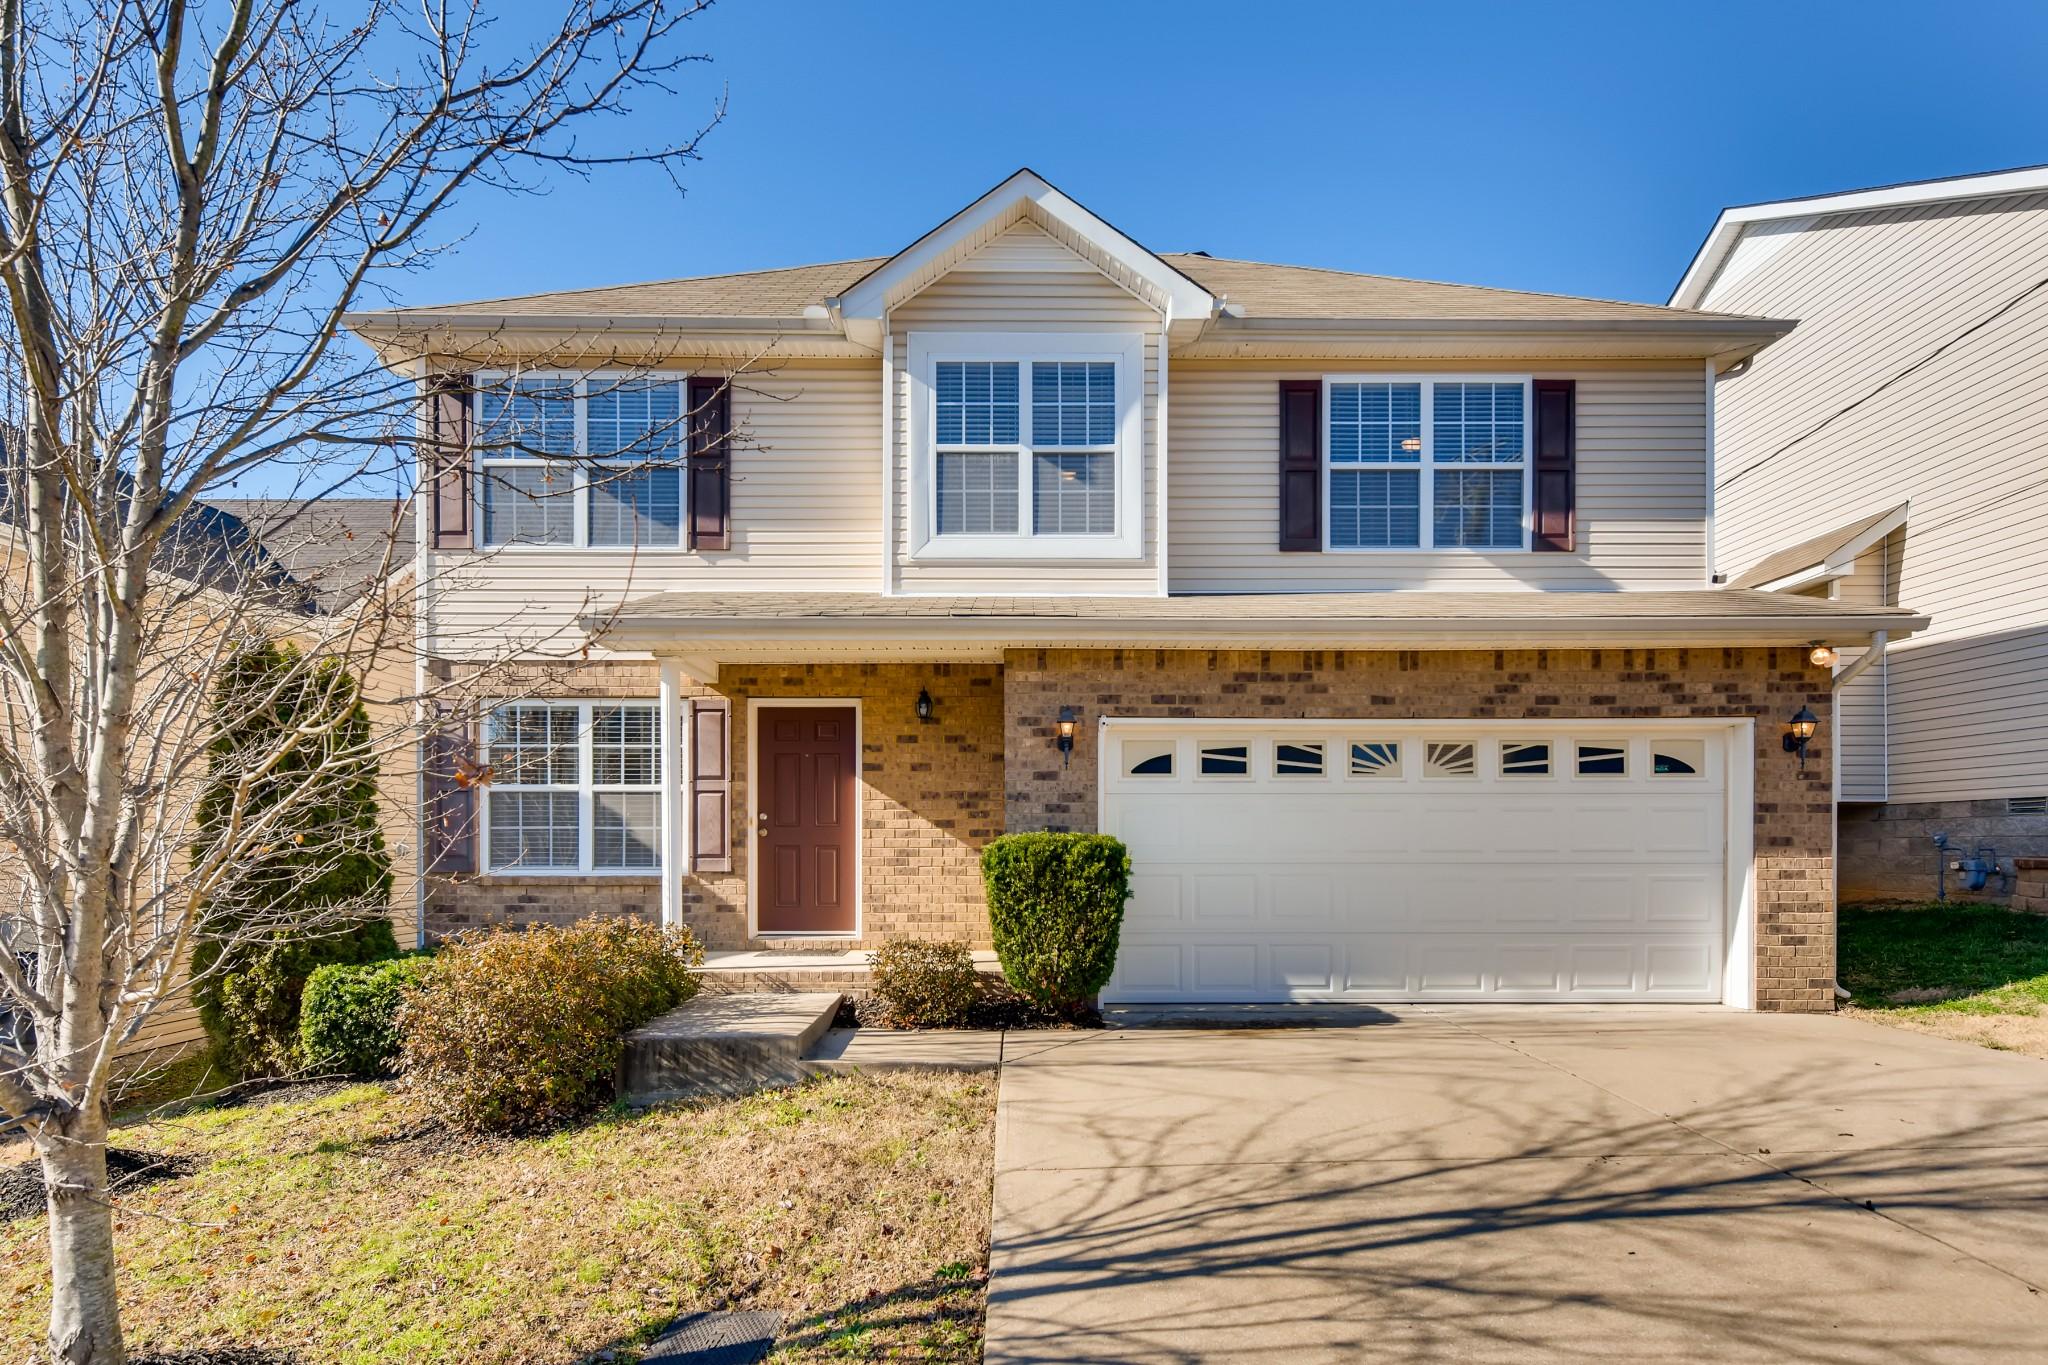 2025 Leefield Dr, Antioch, TN 37013 - Antioch, TN real estate listing